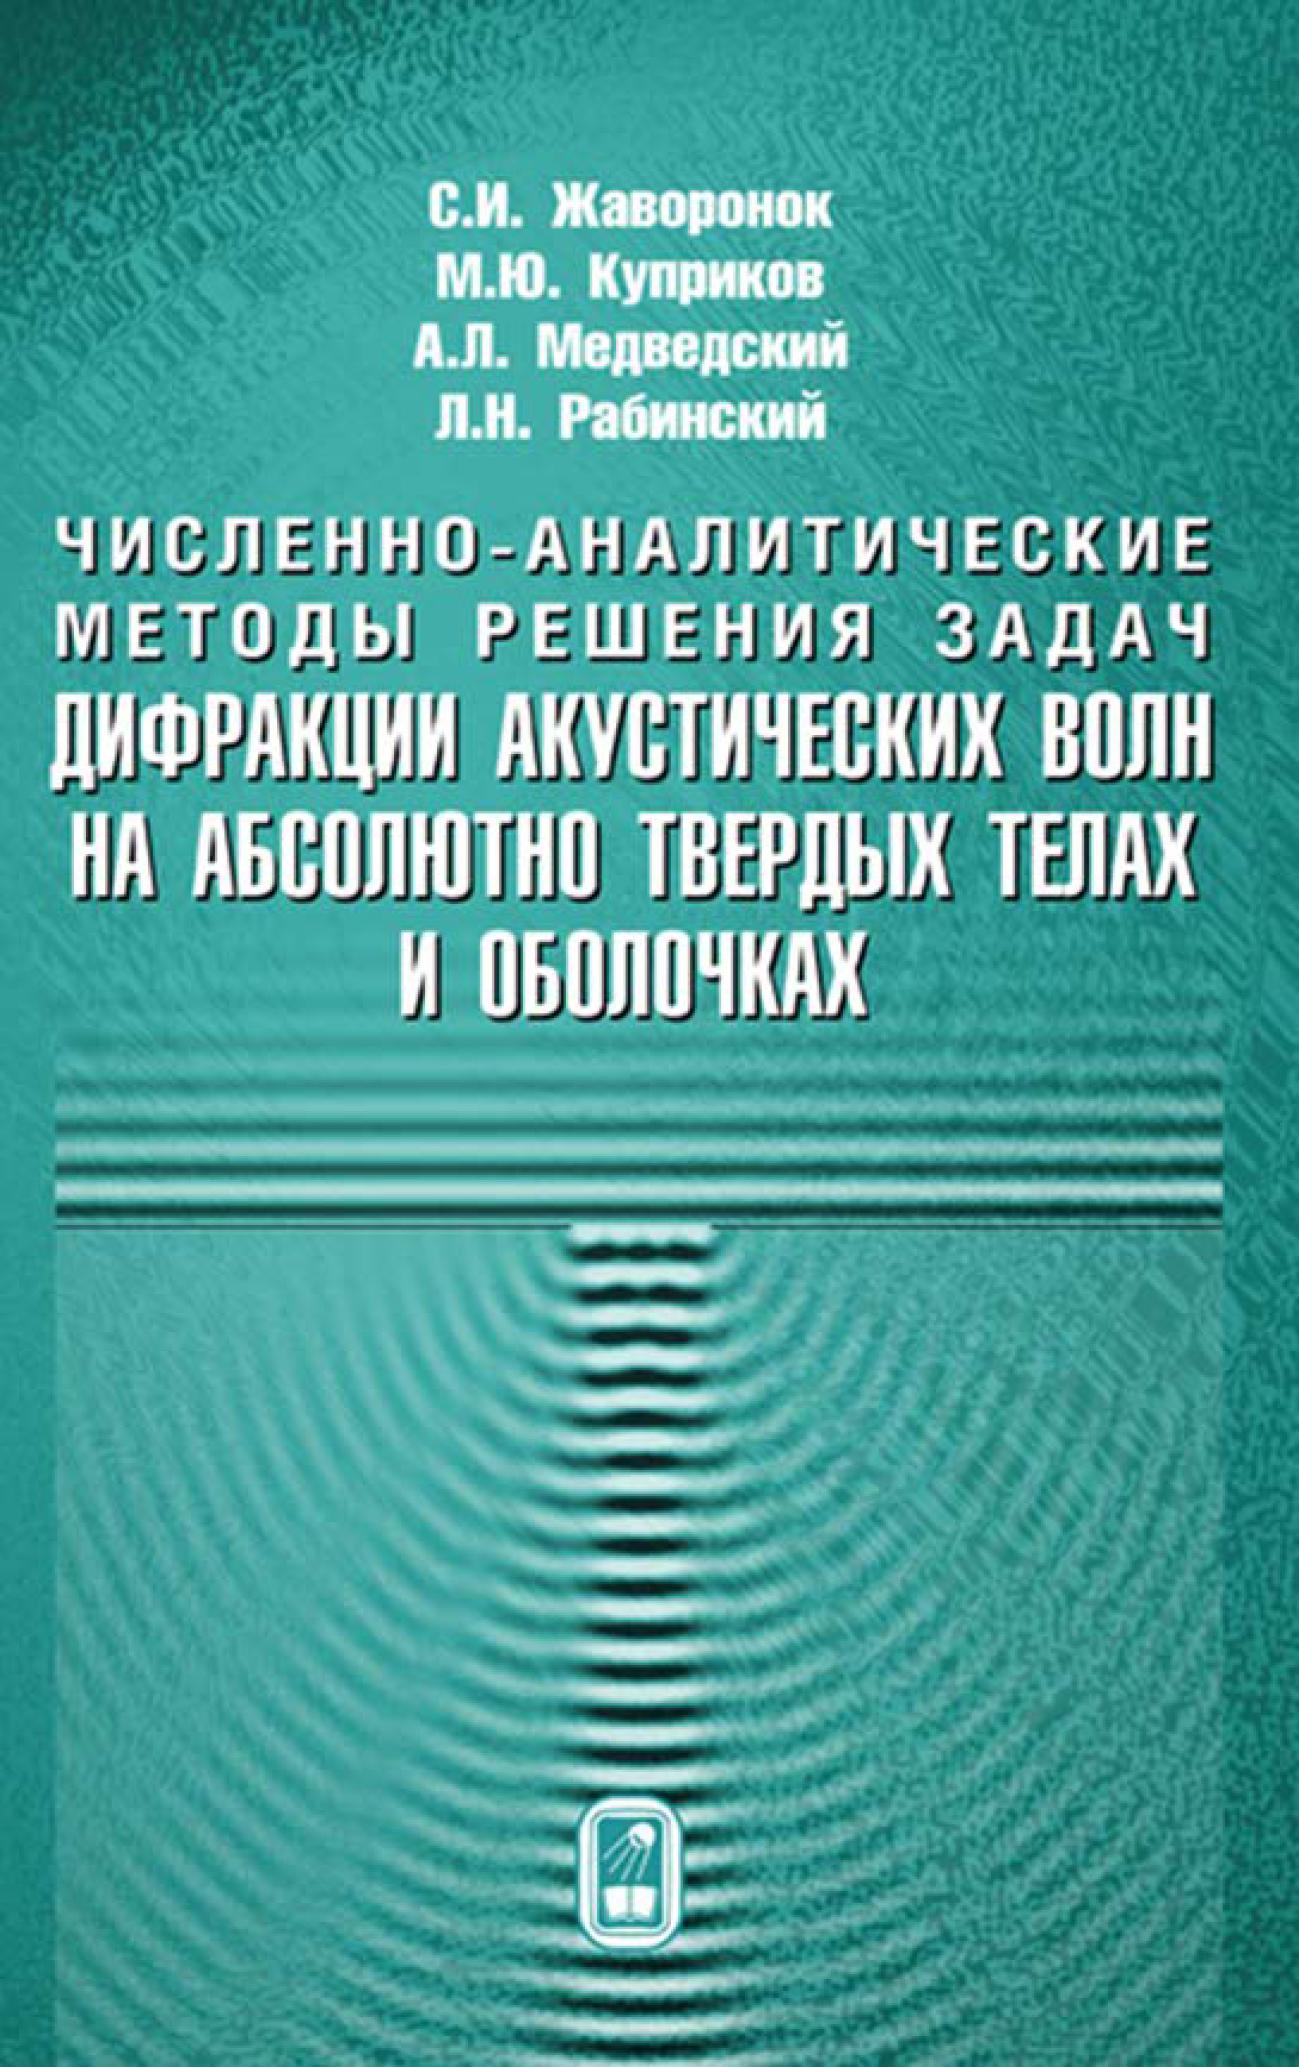 М. Ю. Куприков Численно-аналитические методы решения задач. Дифракции акустических волн на абсолютно твердых телах и оболочках алексей забелин акустоэлектроника расчет характеристик объемных акустических волн в кристаллах